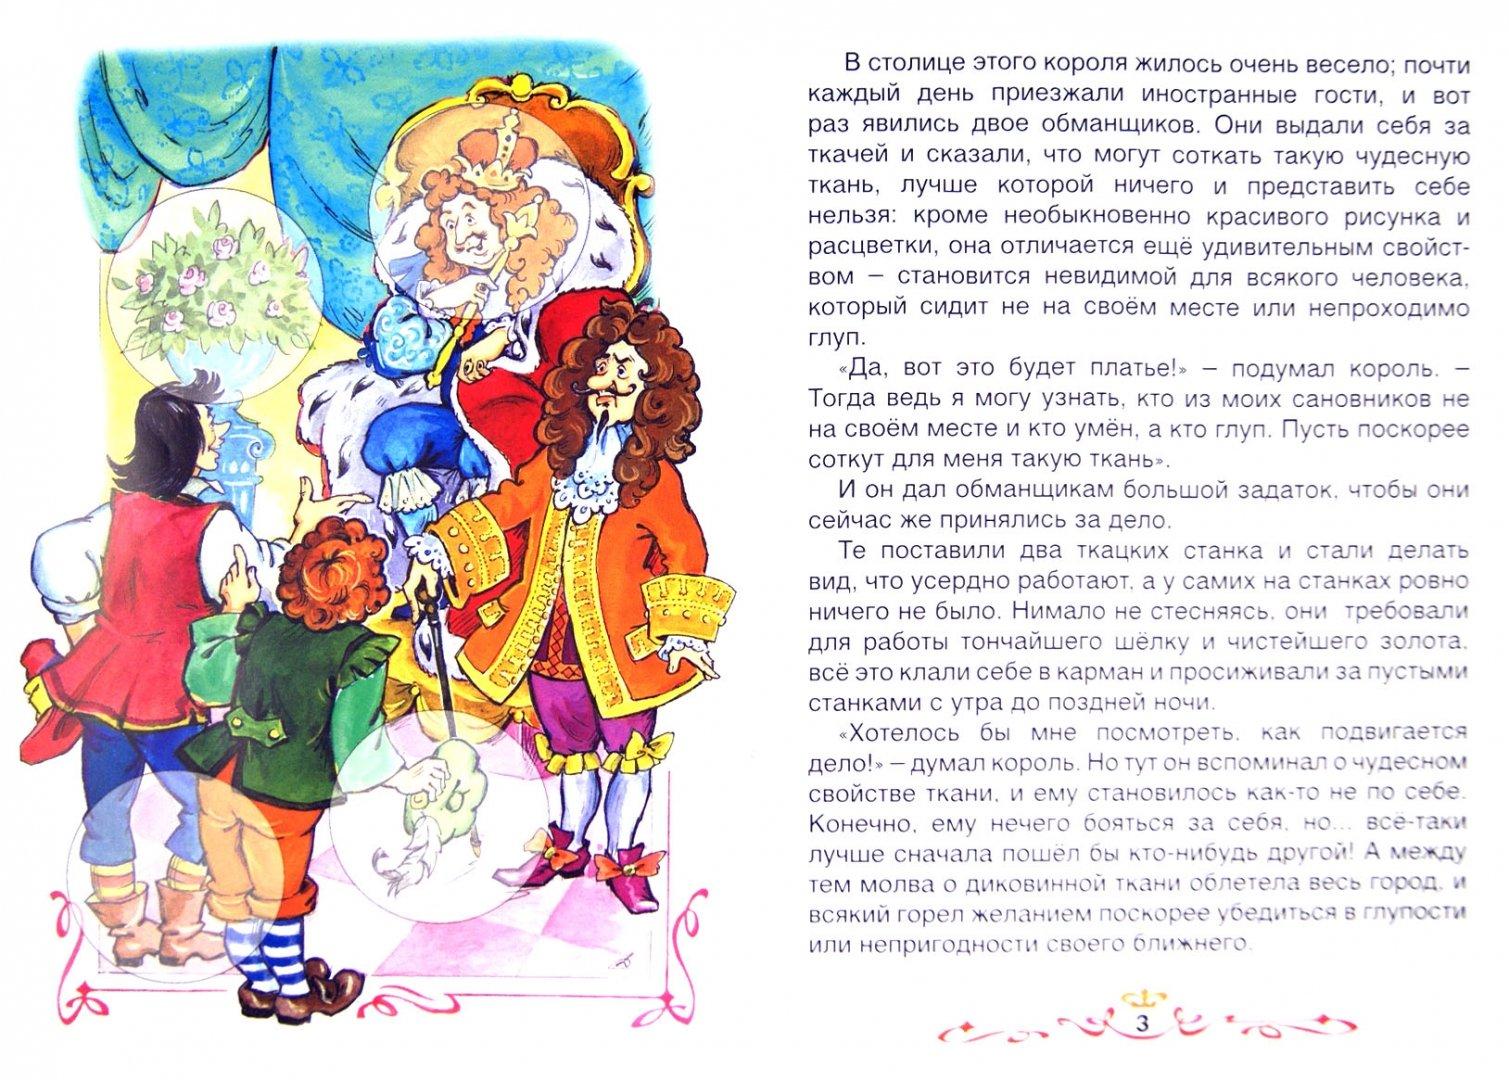 Иллюстрация 1 из 35 для Новое платье короля - Ханс Андерсен   Лабиринт - книги. Источник: Лабиринт